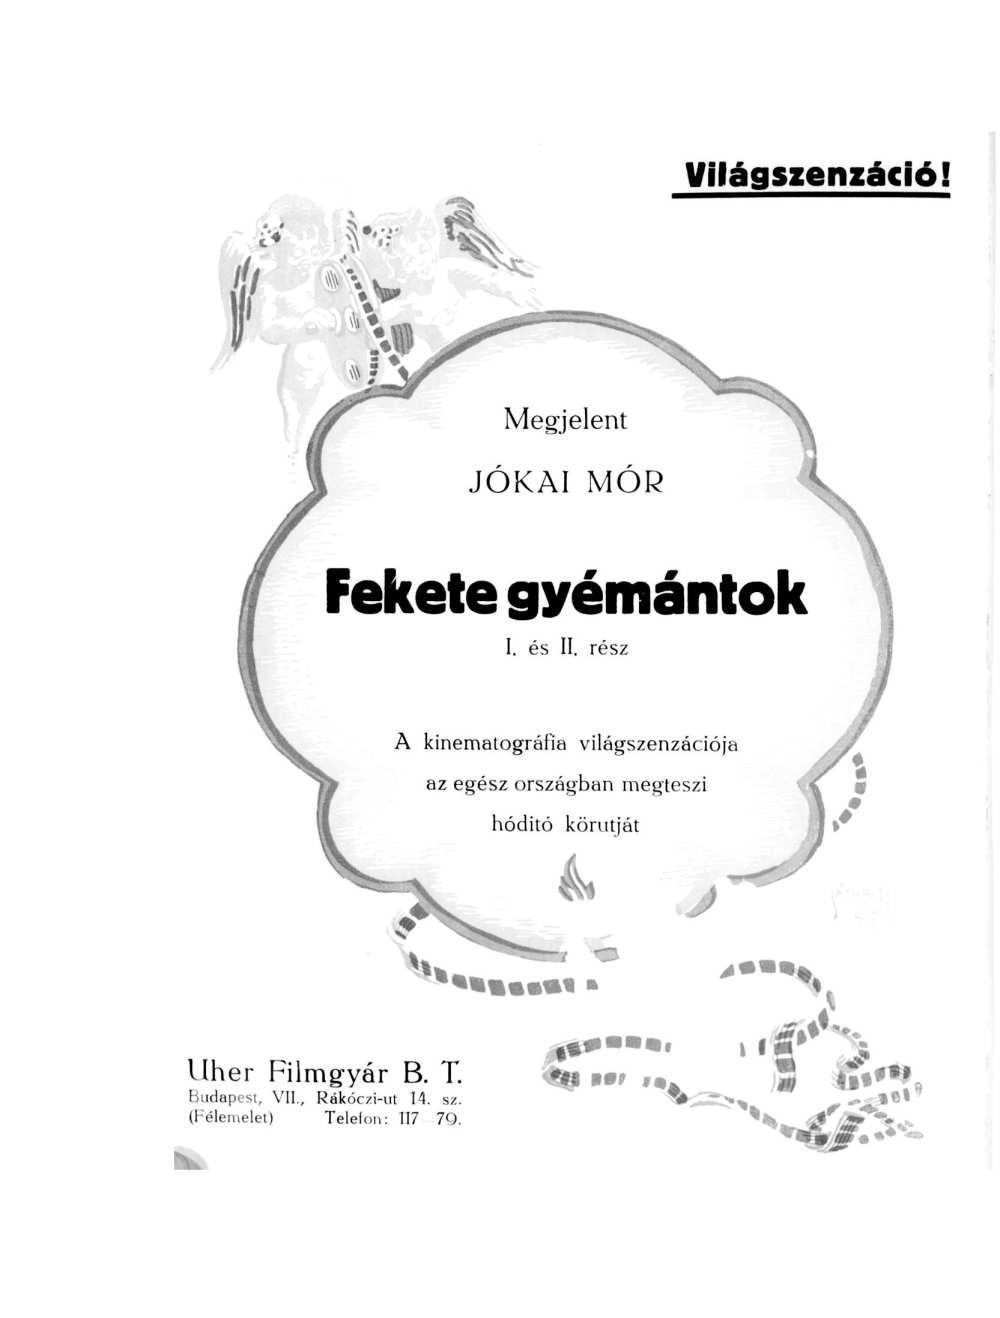 A Fekete gyémántok című film hirdetése. In. Mozihét, 1917. 46. szám – Szegedi Tudományegyetem Klebelsberg Kuno Könyvtár. Miscellanea repozitórium http://misc.bibl.u-szeged.hu/18289/1/mozihet_1917_046.pdf